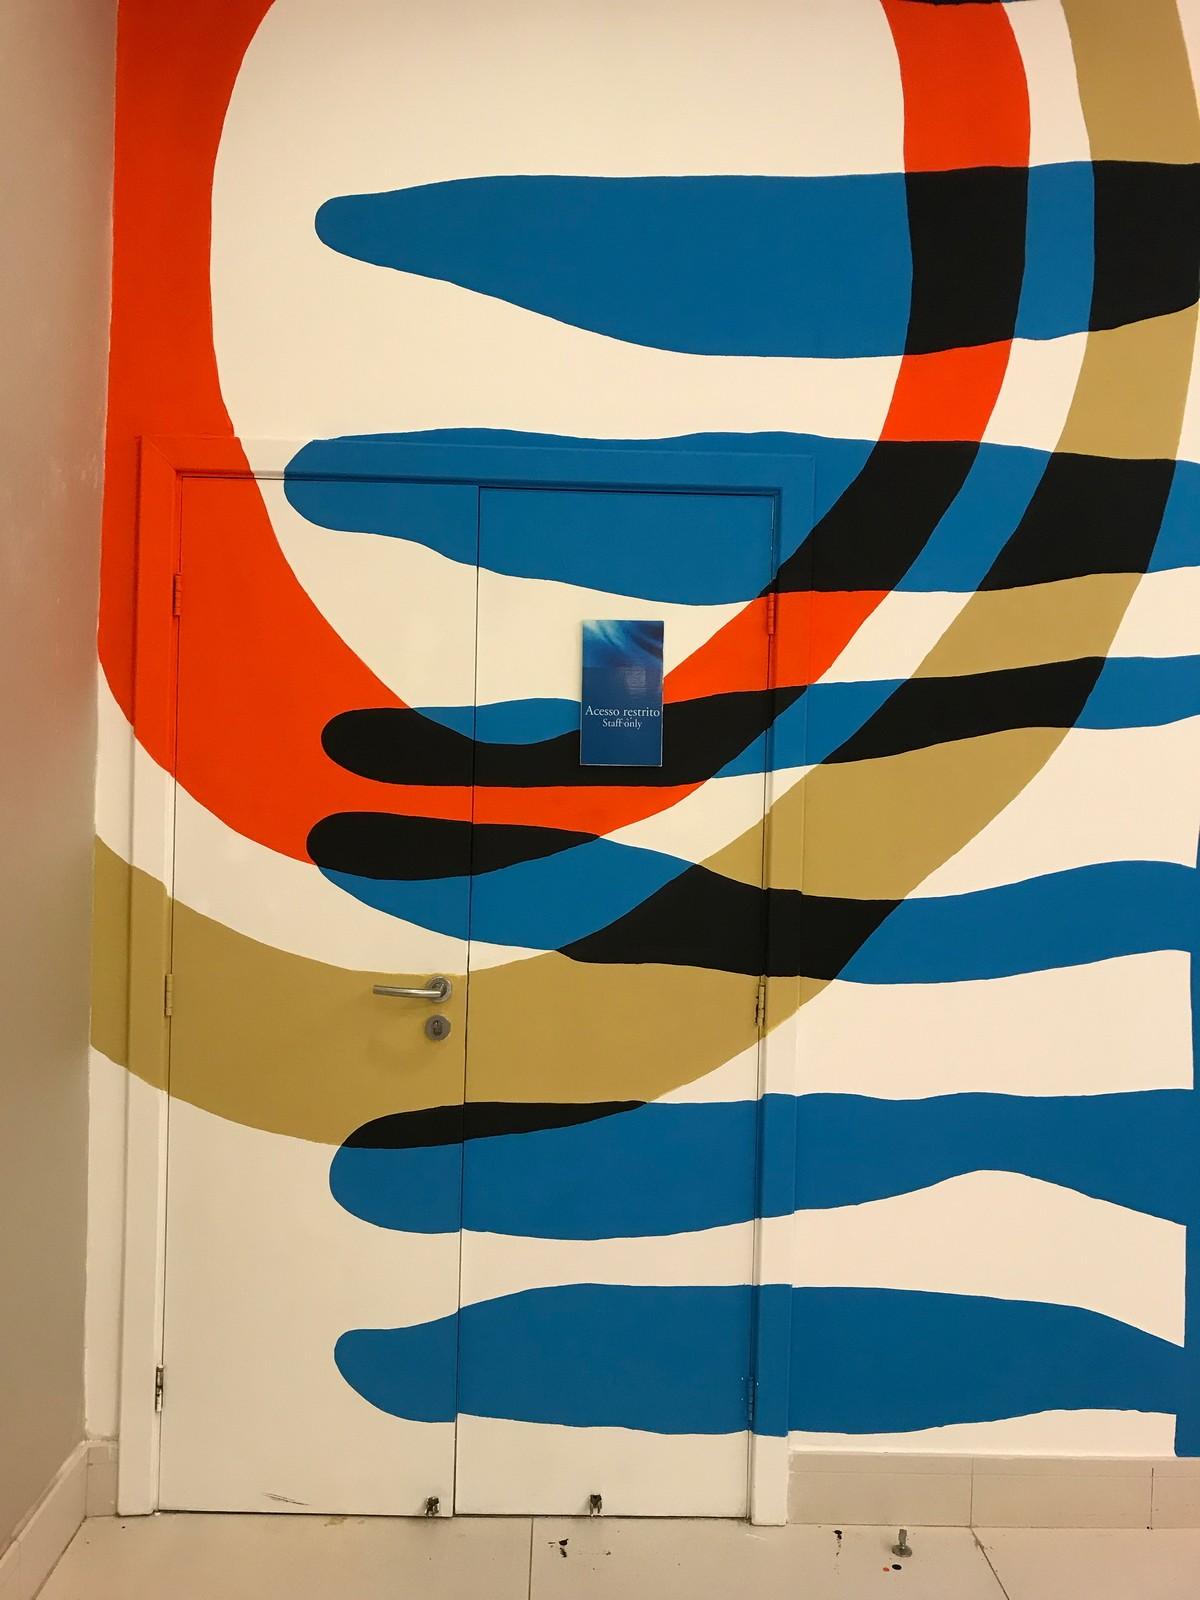 Διακοσμητικη τοιχογραφια στους χωρους υποδοχης του Ξενοδοχειου Novotel